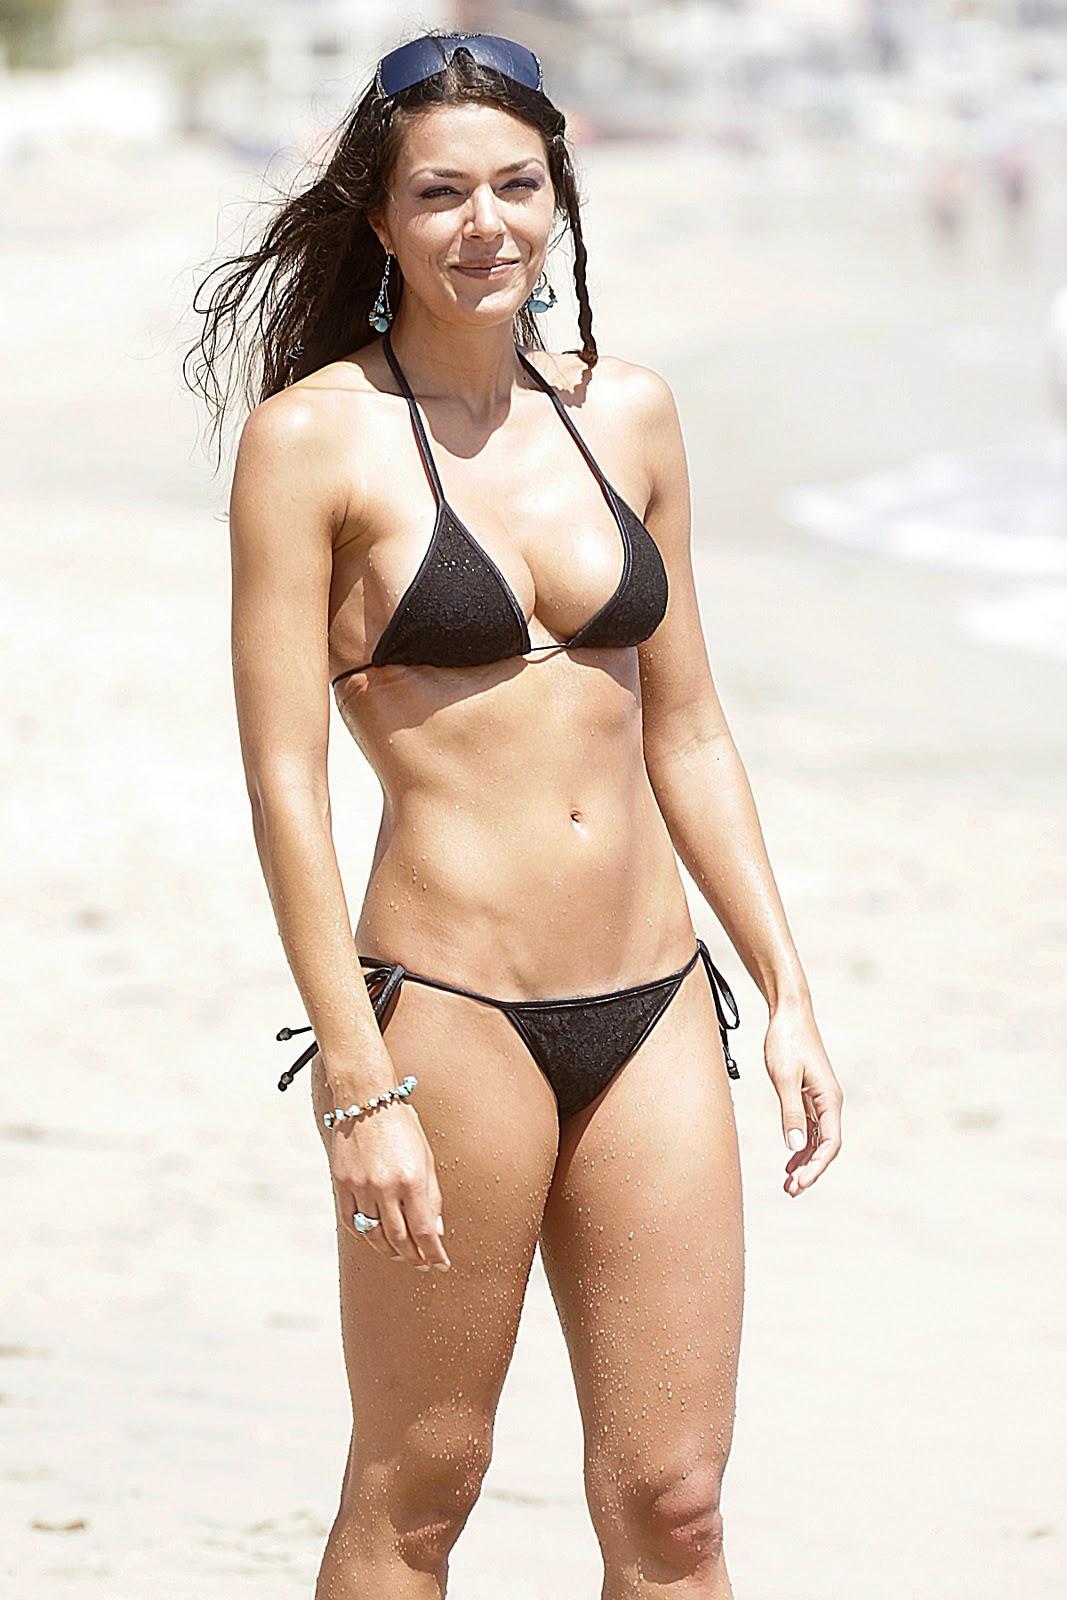 Bikini Alana Beard Nude Pictures